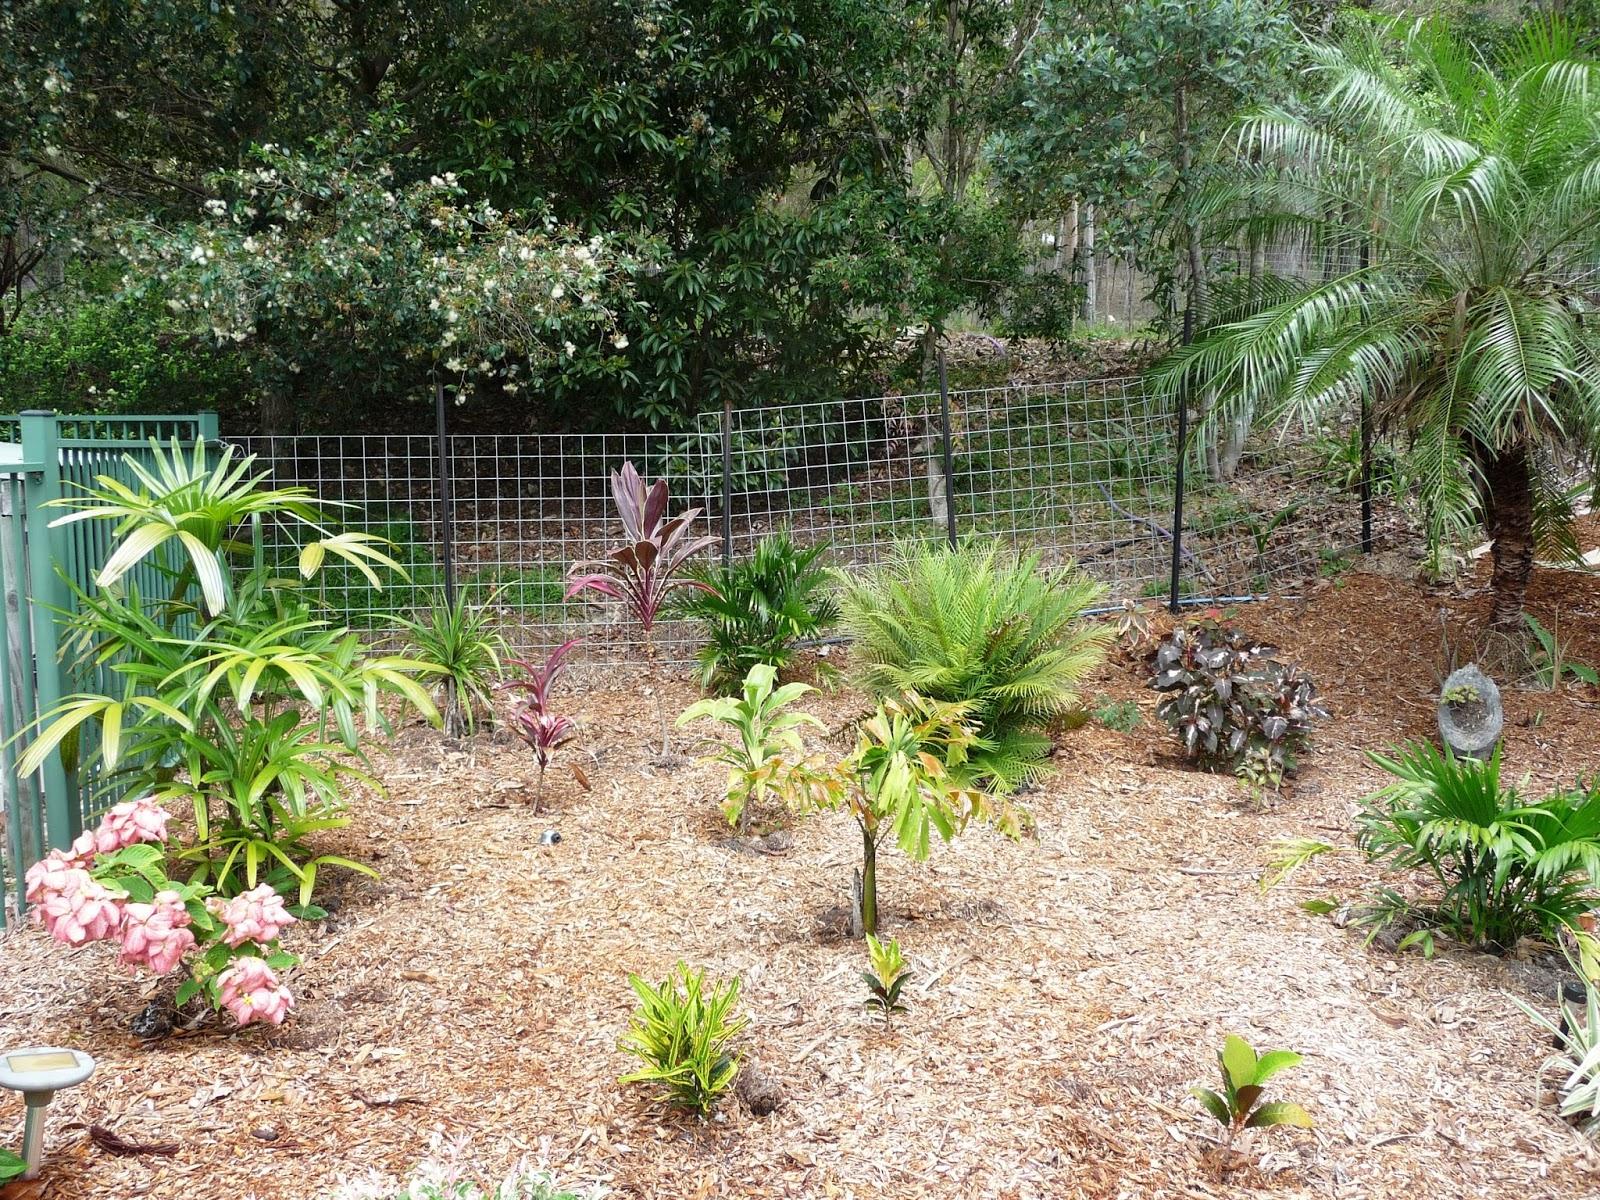 tropical garden from scratch - Tropical Garden 2016